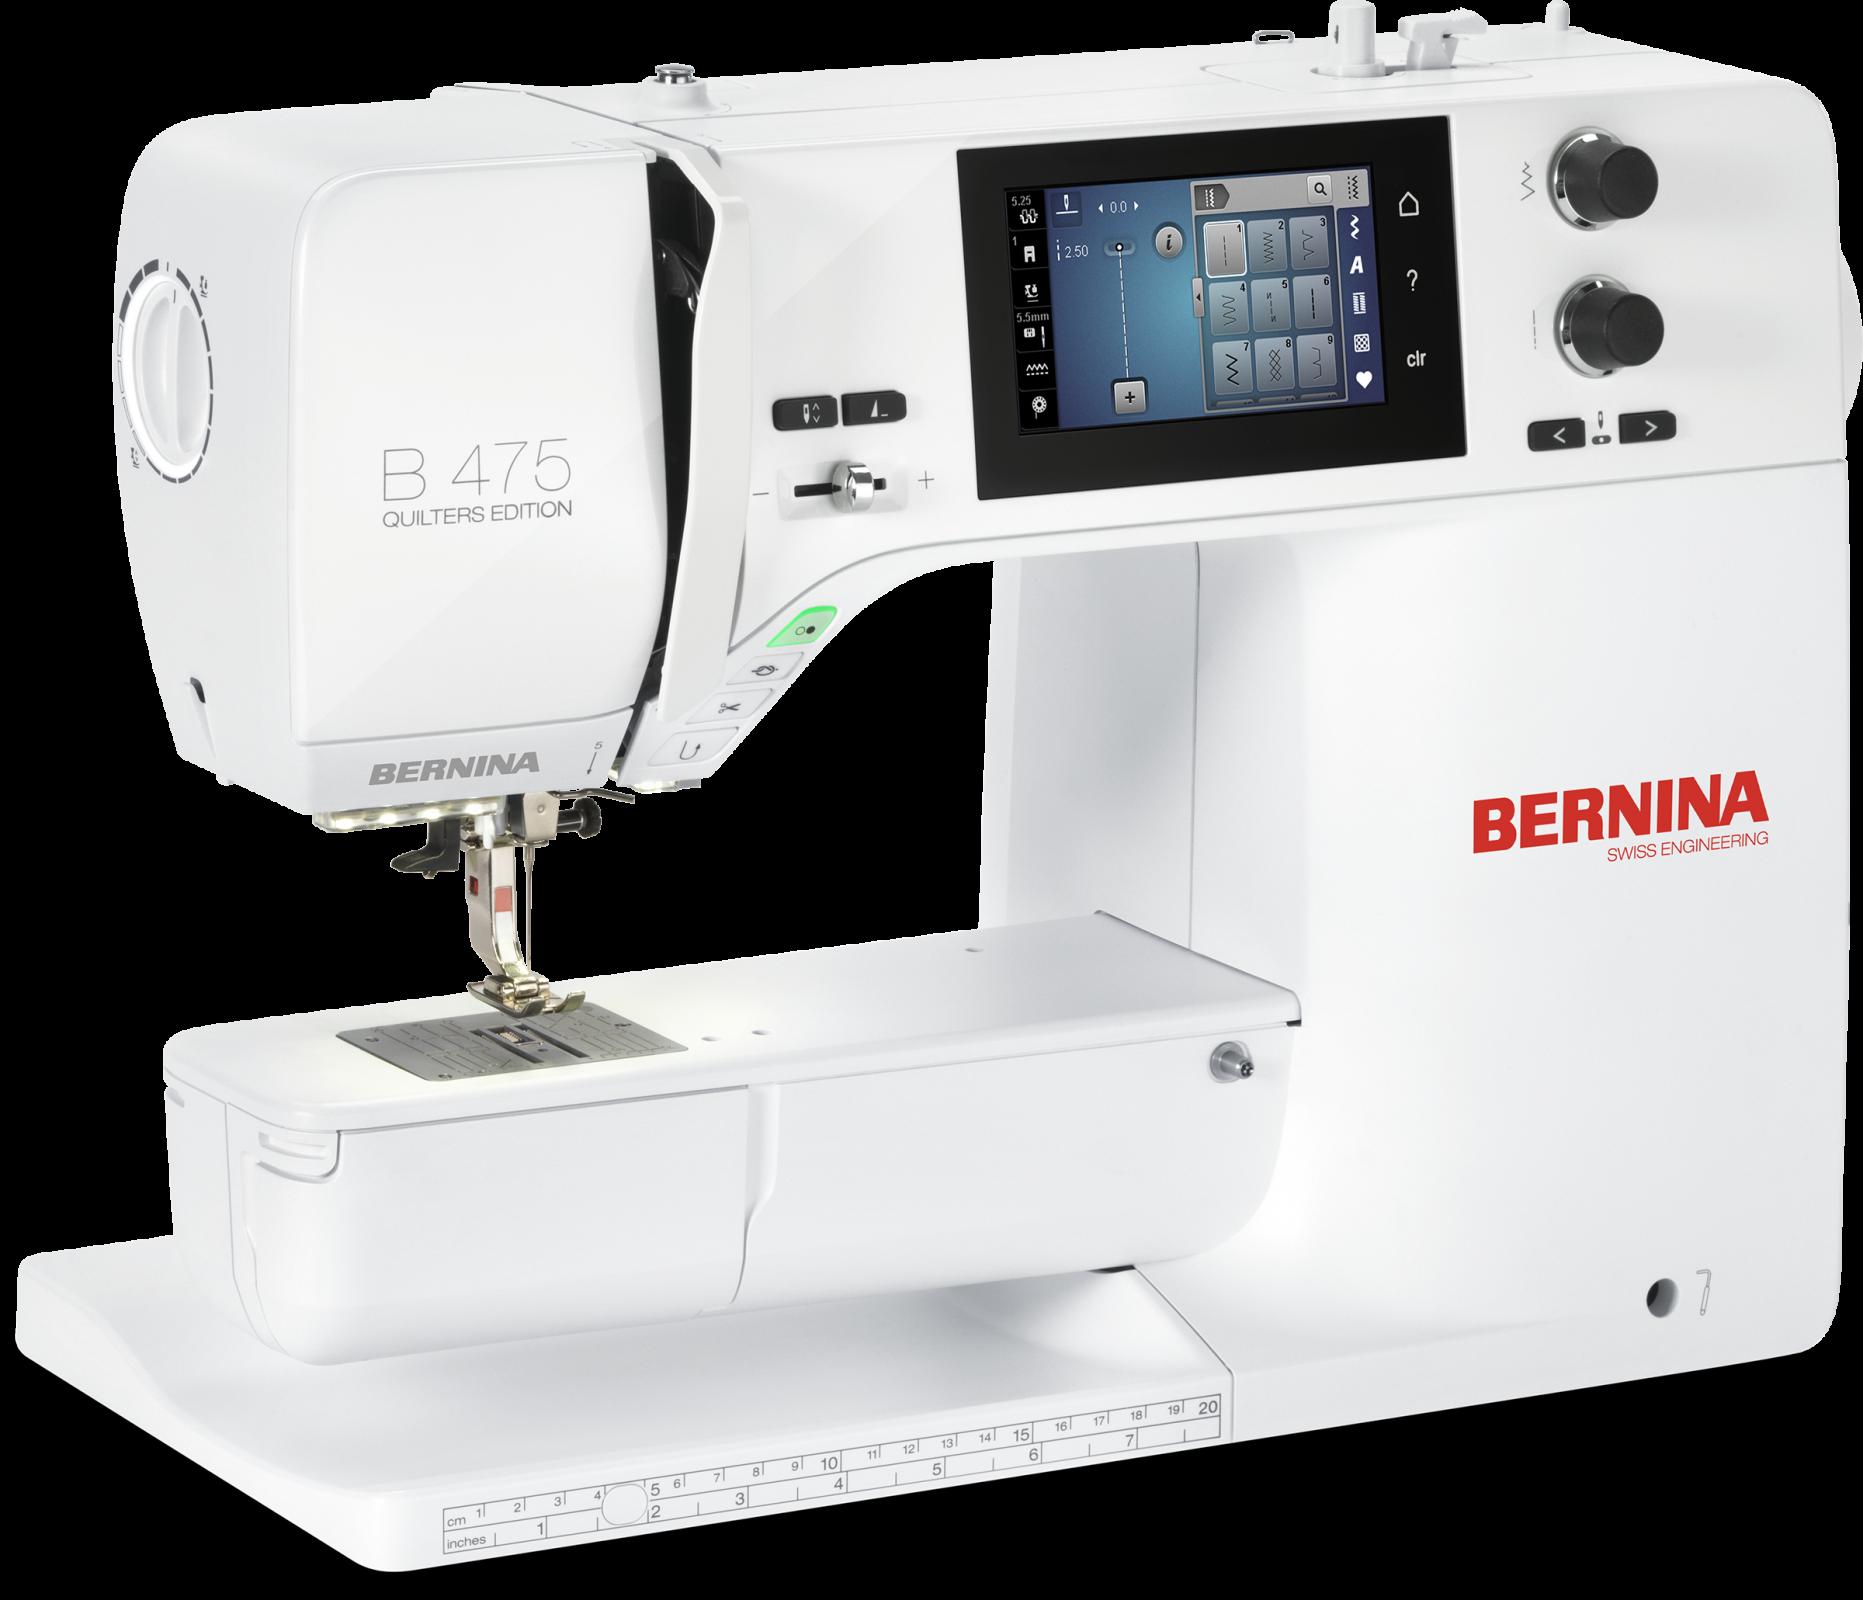 BERNINA 475 QE Sewing Machine